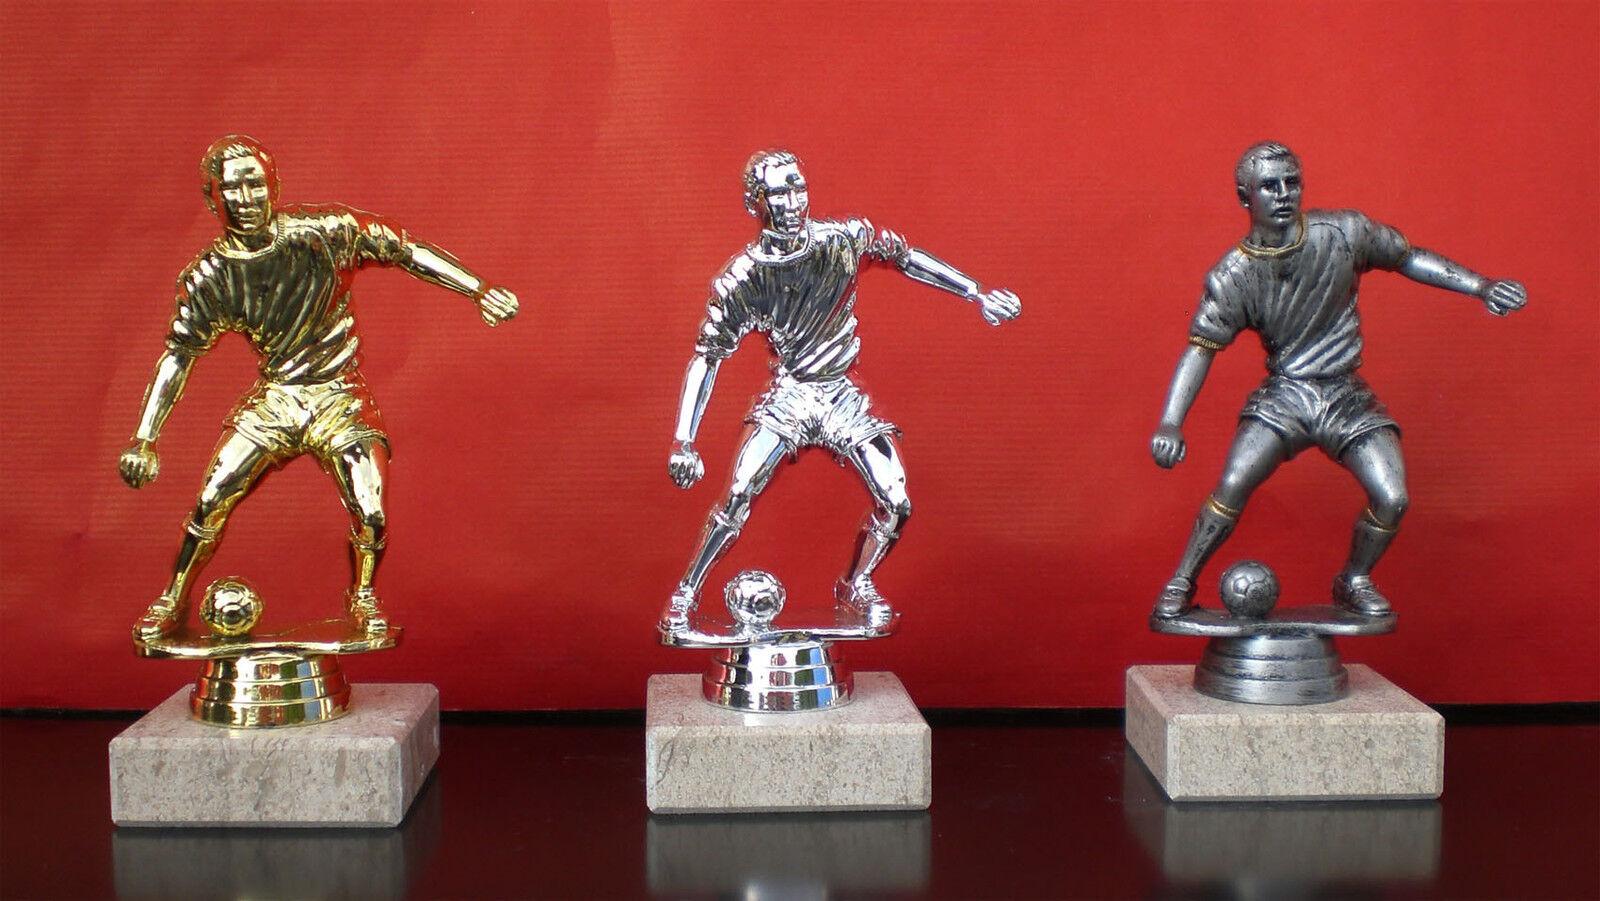 24x futbolistas-figura en oro, plata o altplataColorn (libre elección de Color)